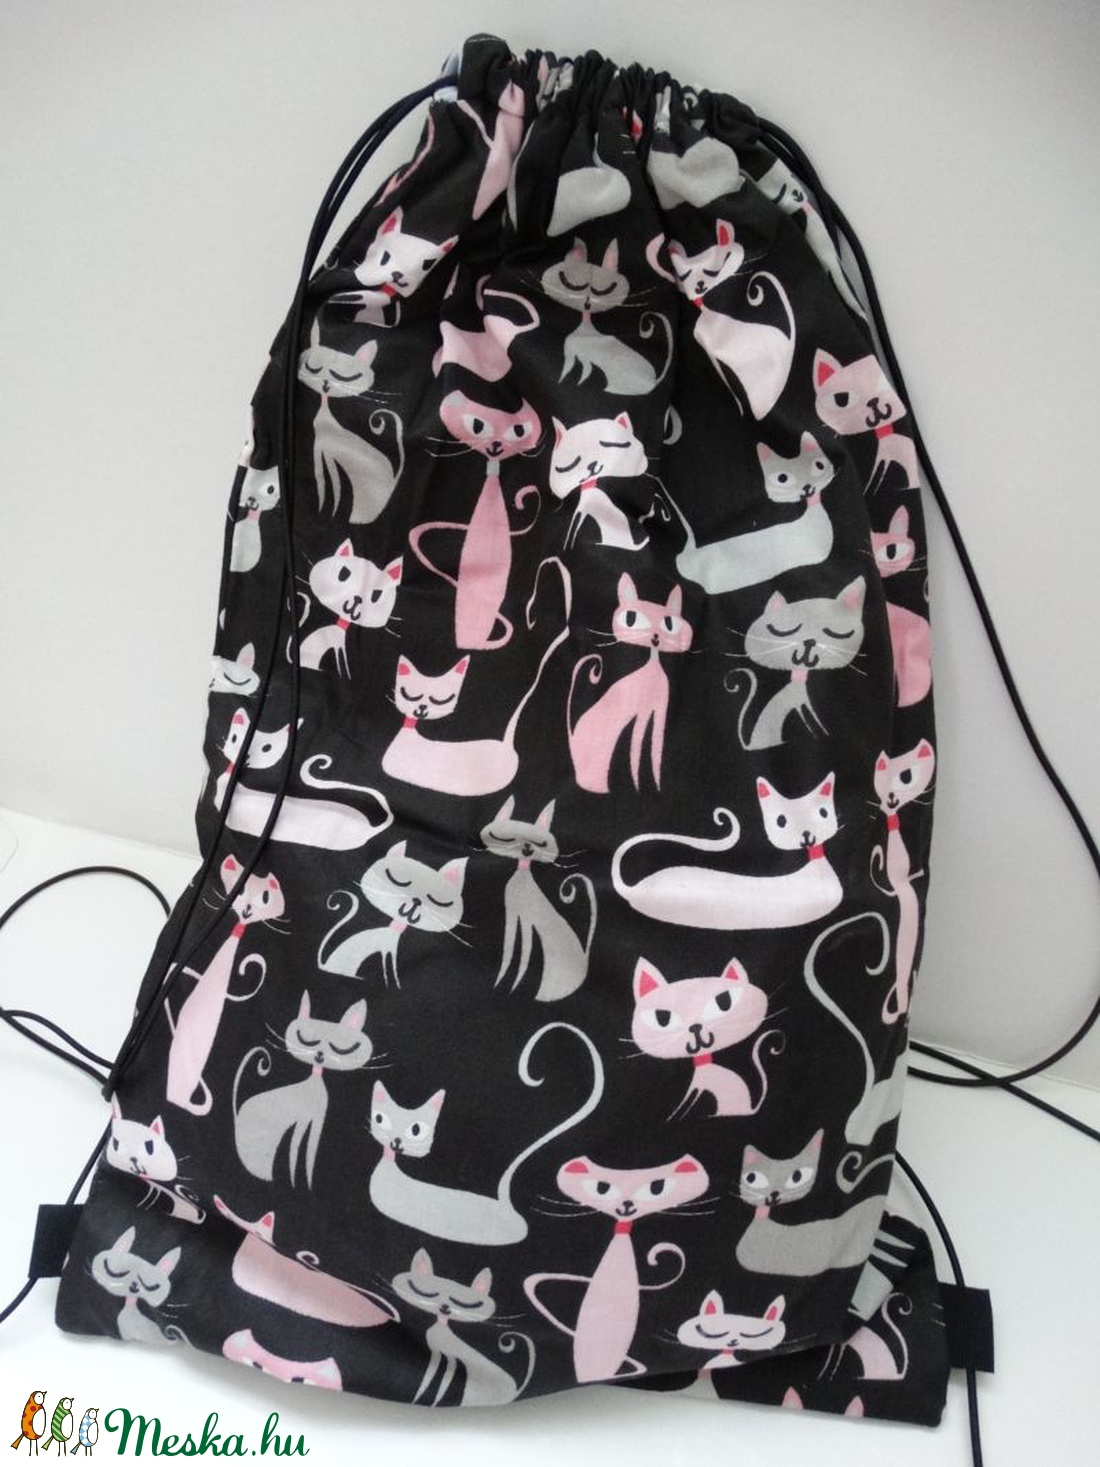 5a224b1ece30 Cicás hátizsák - Cicás tornazsák - Bélelt hátizsák - Bélelt tornazsák -  cica mintás - cicás textil táska - cicás táska